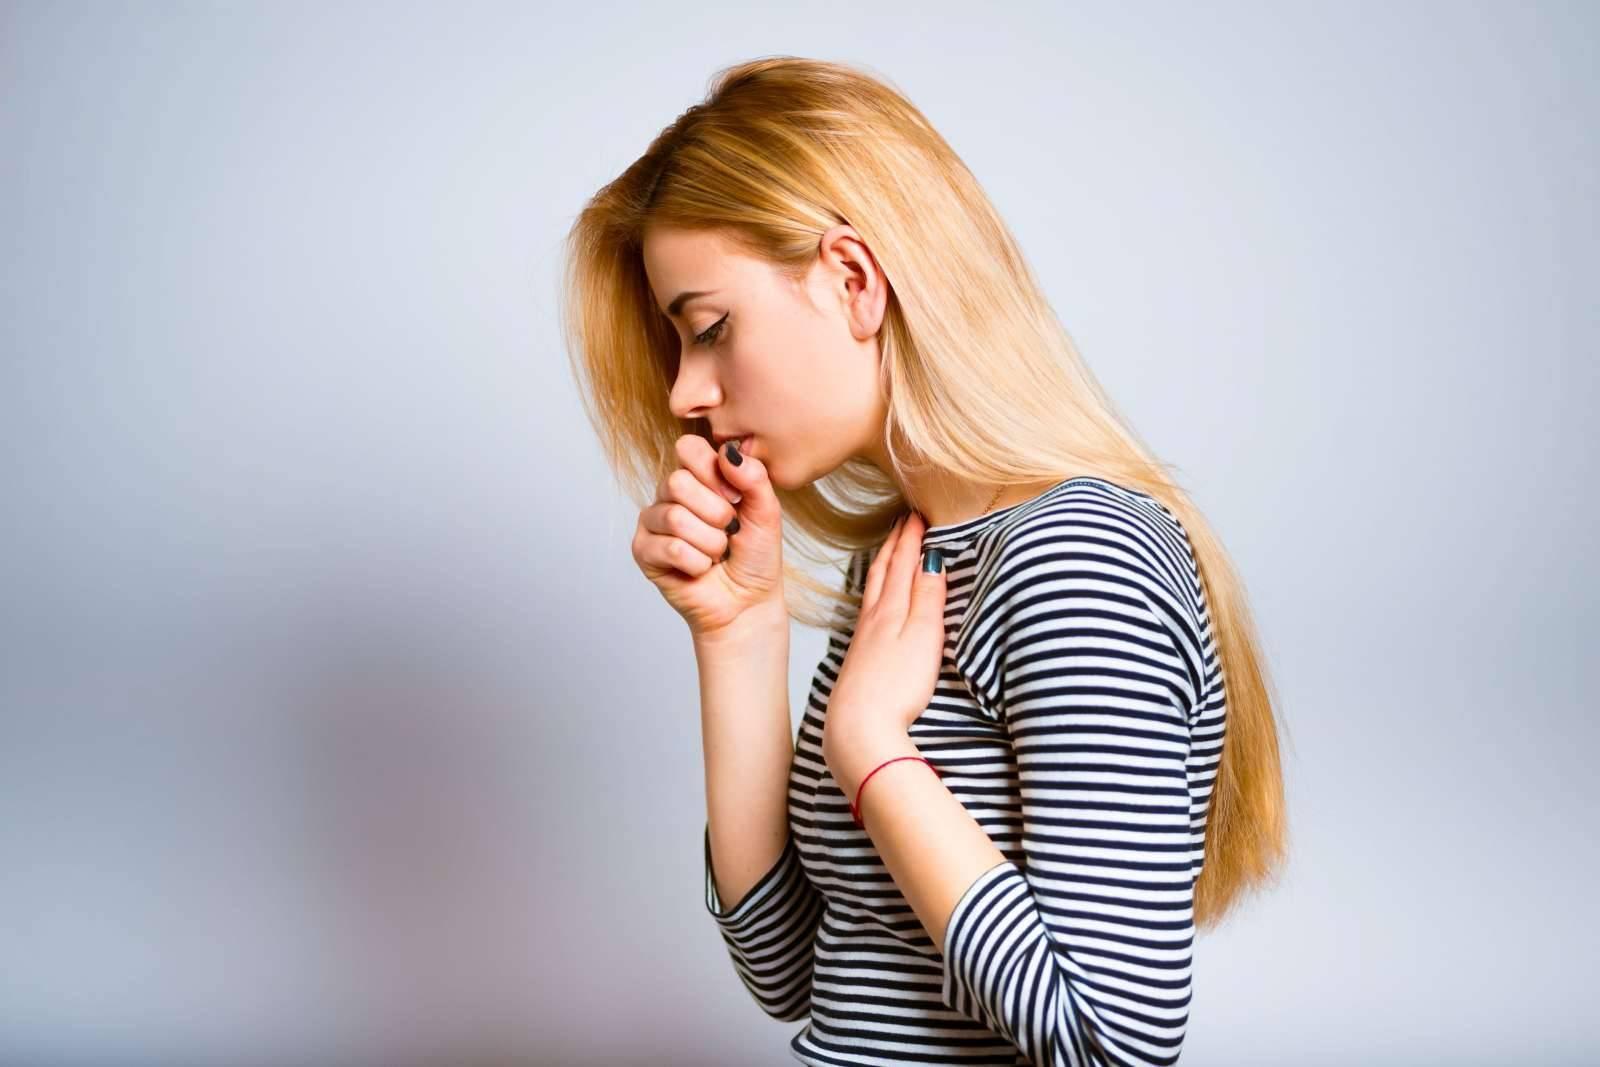 Пропал голос: причины, что делать, как лечить и восстановить